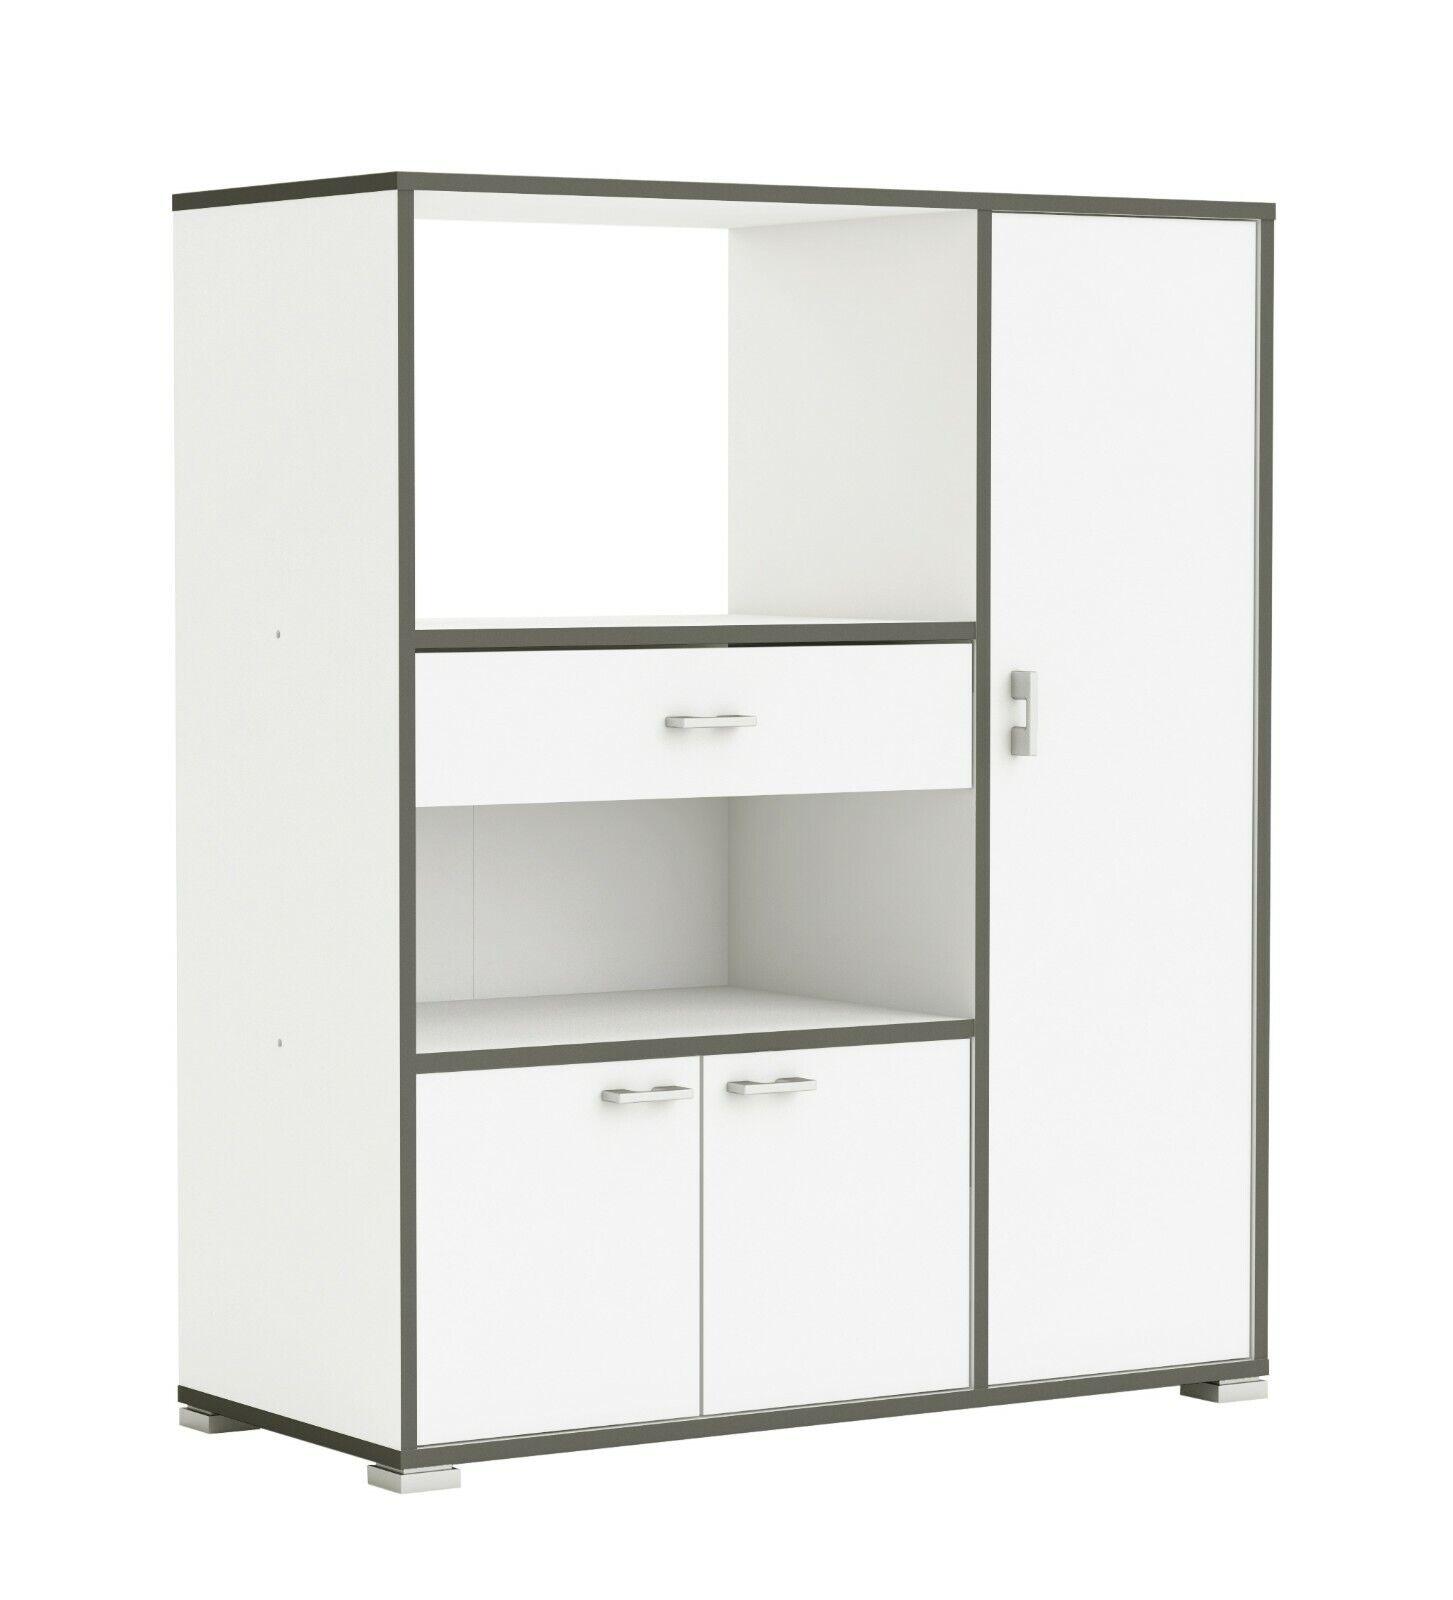 Mueble auxiliar para cocina con 3 puertas color Blanco y Gris 107X90x40cm